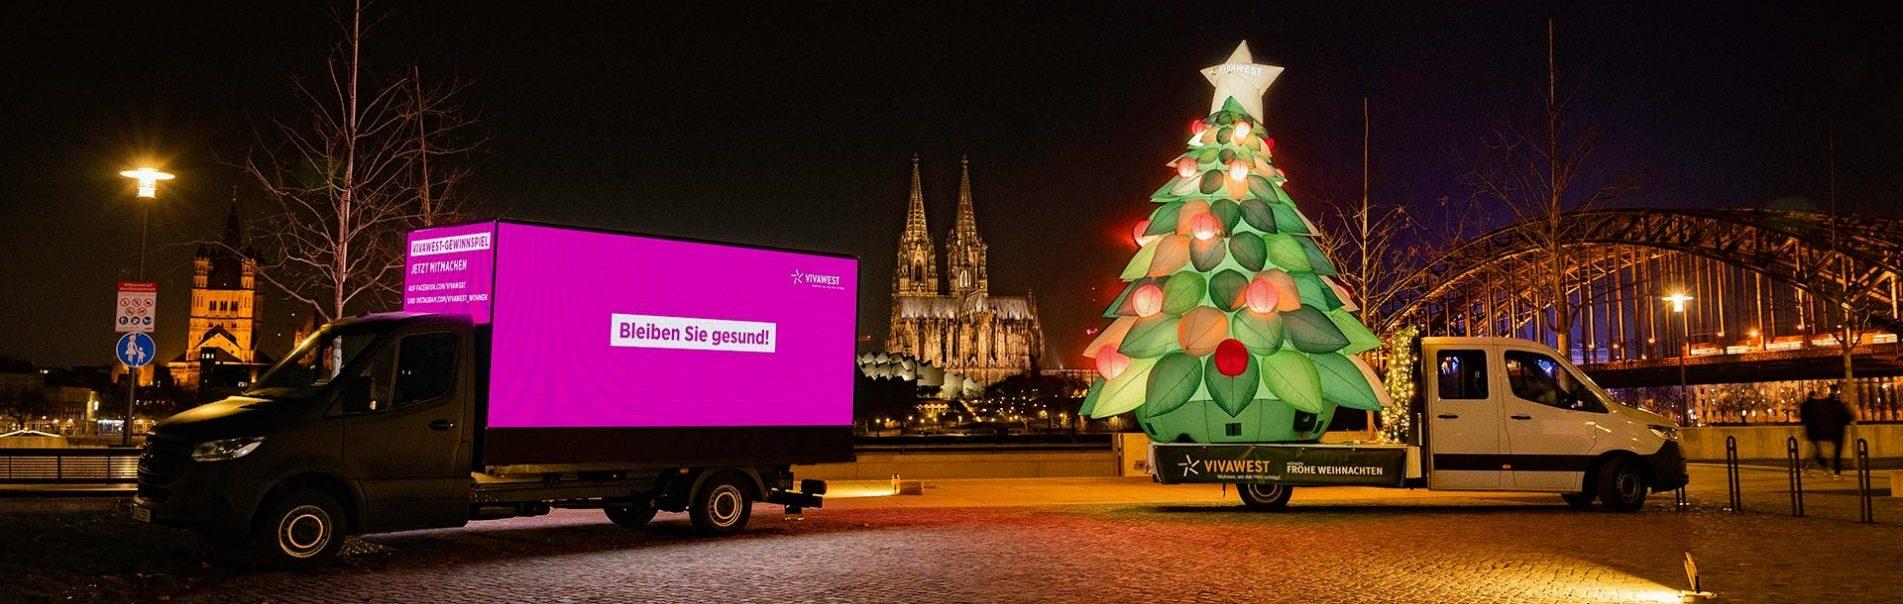 led-truck-werbefahrzeug-inflatable-pritsche-werbeaktion